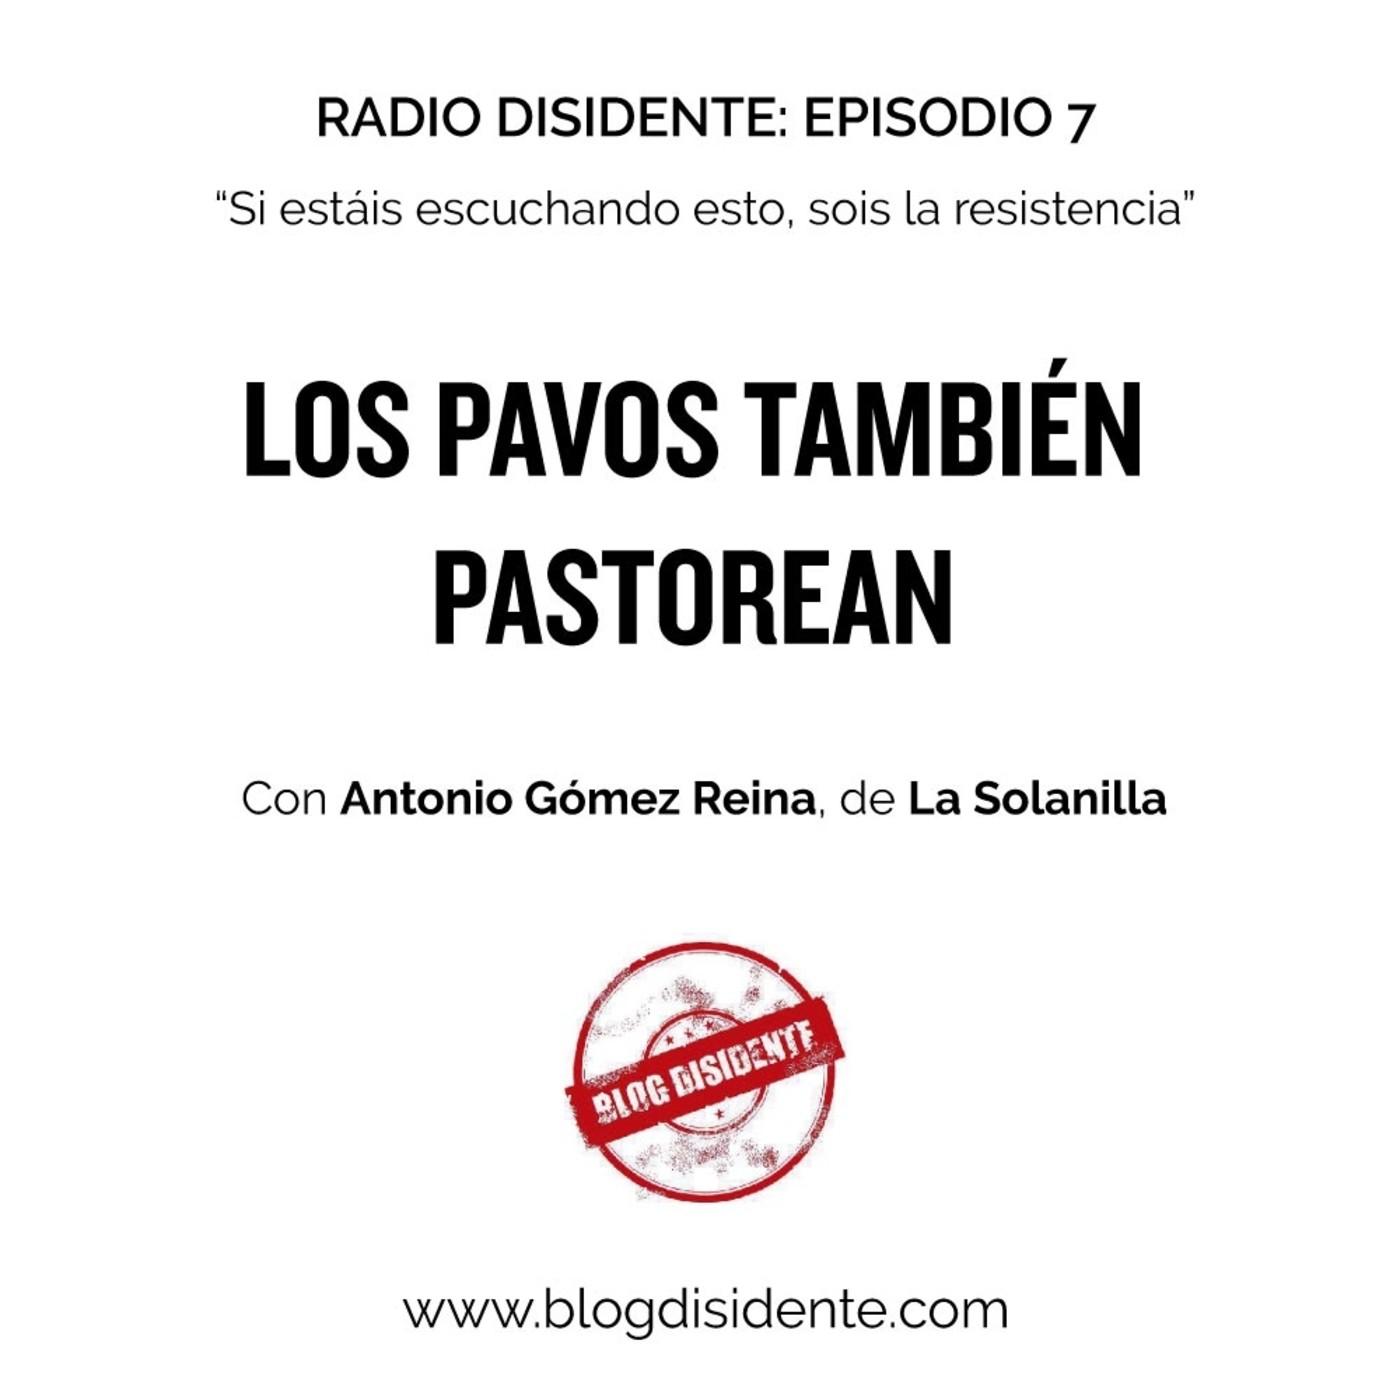 Episodio 7 - Los pavos también pastorean, con Antonio Gómez Reina